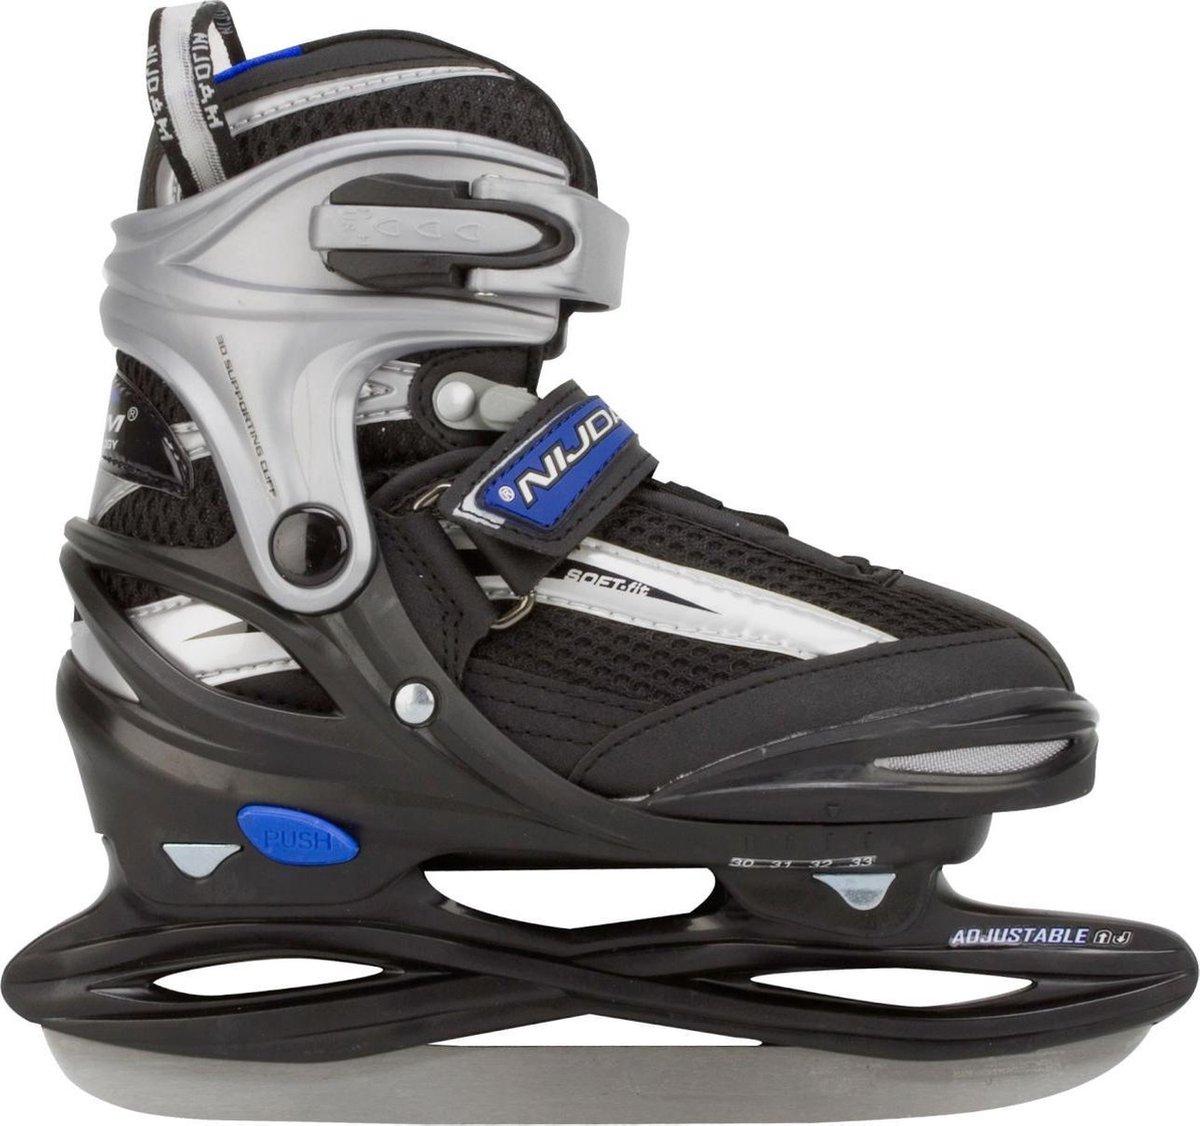 Nijdam Junior IJshockeyschaats - Verstelbaar - Semi-Softboot - Grijs/Zwart - Maat 30-33